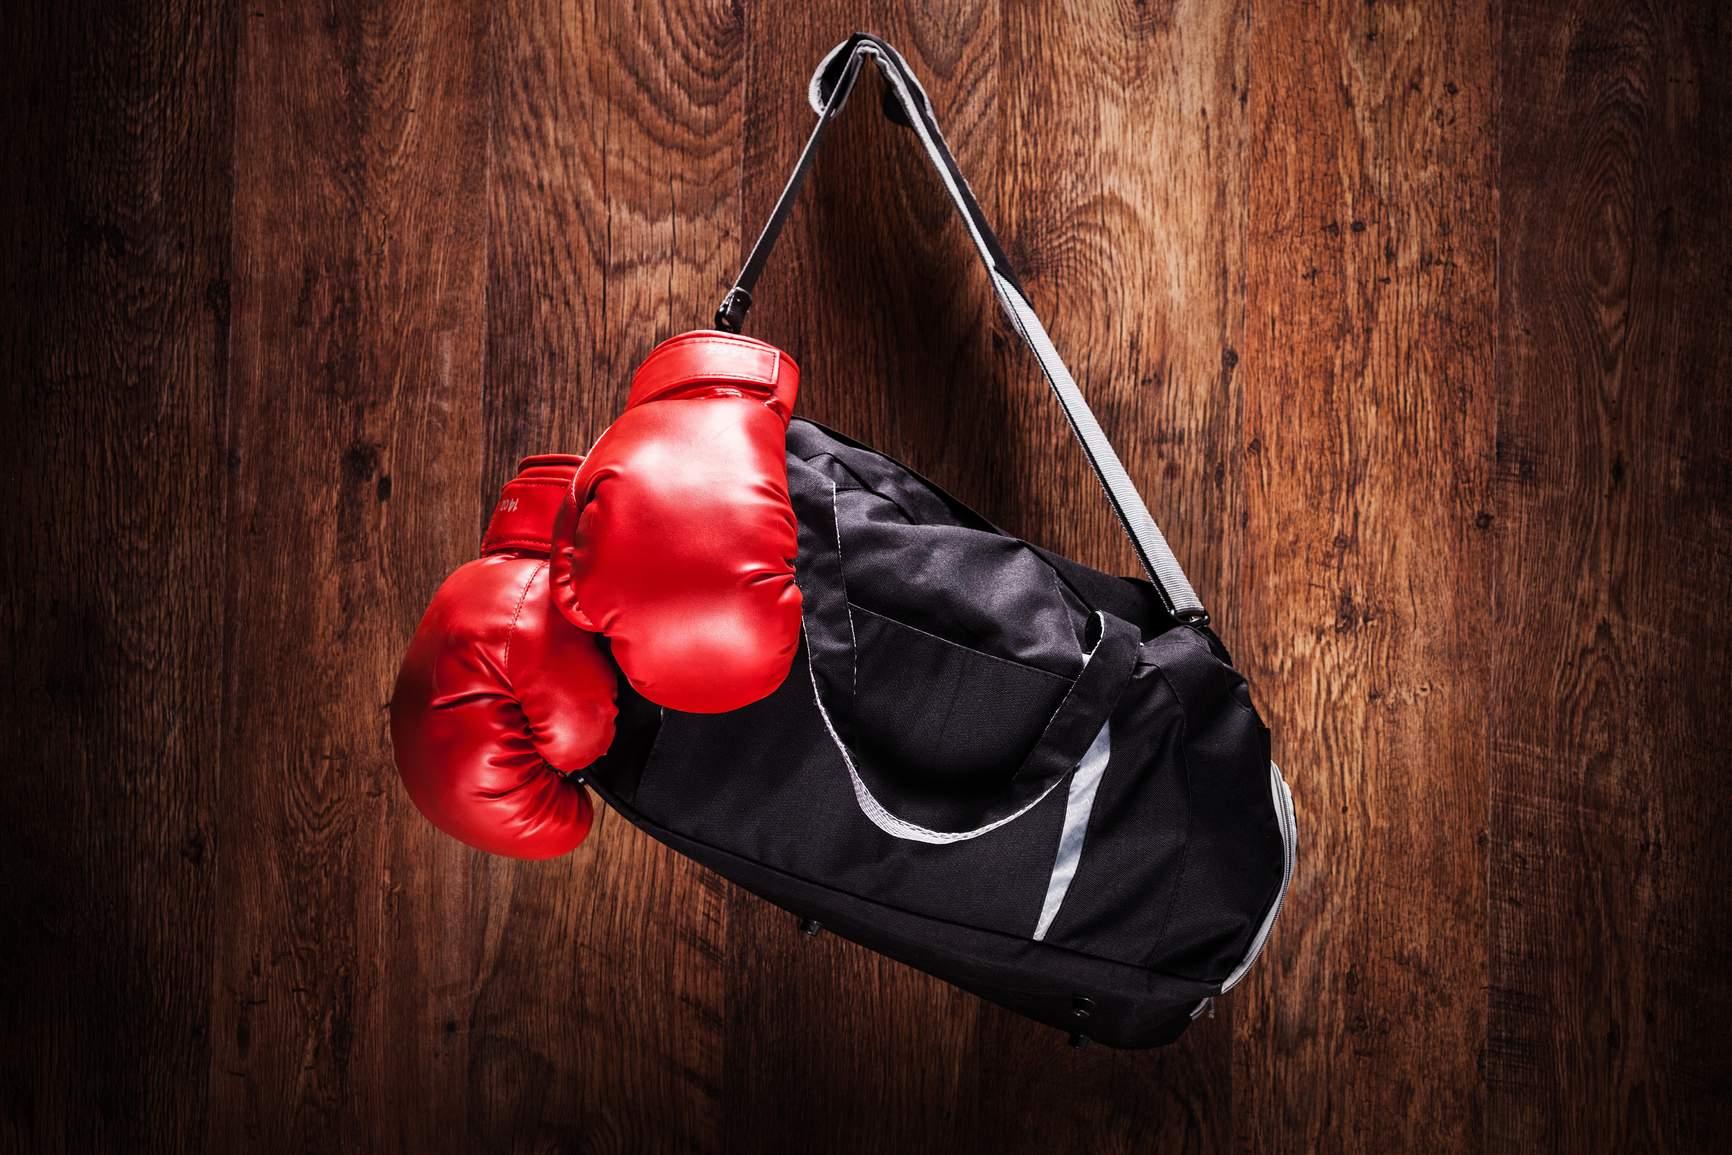 Снятся Боксерские перчатки